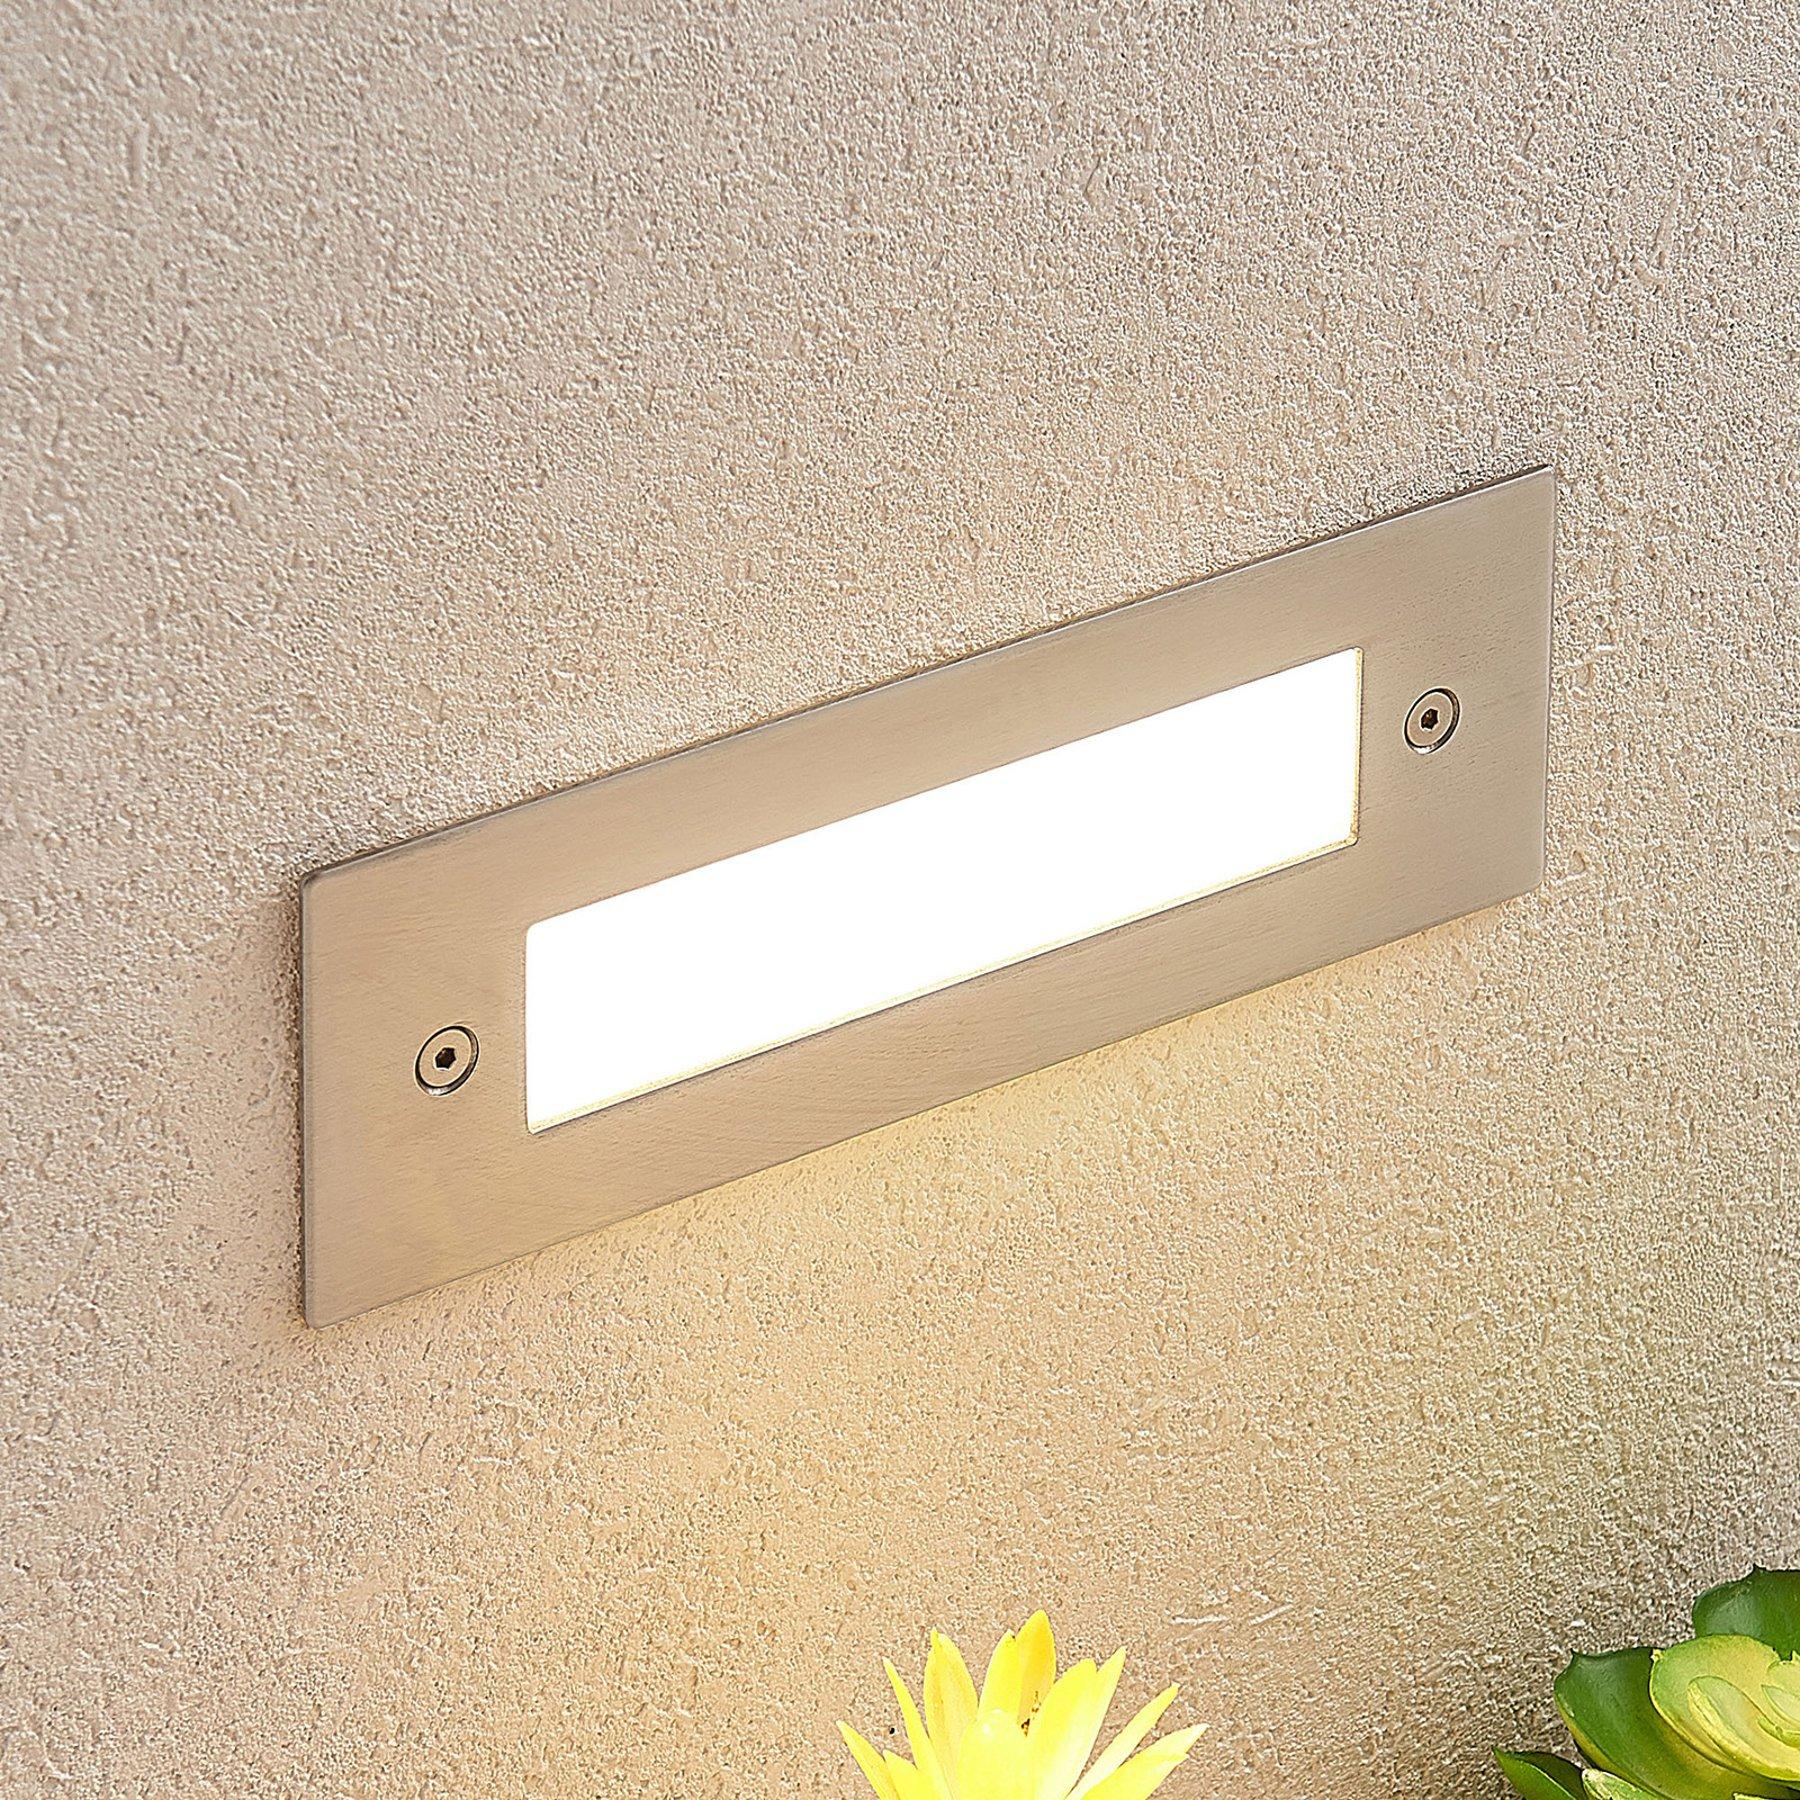 LED innfelt vegglampe Roni i edelstål, 19,5 cm